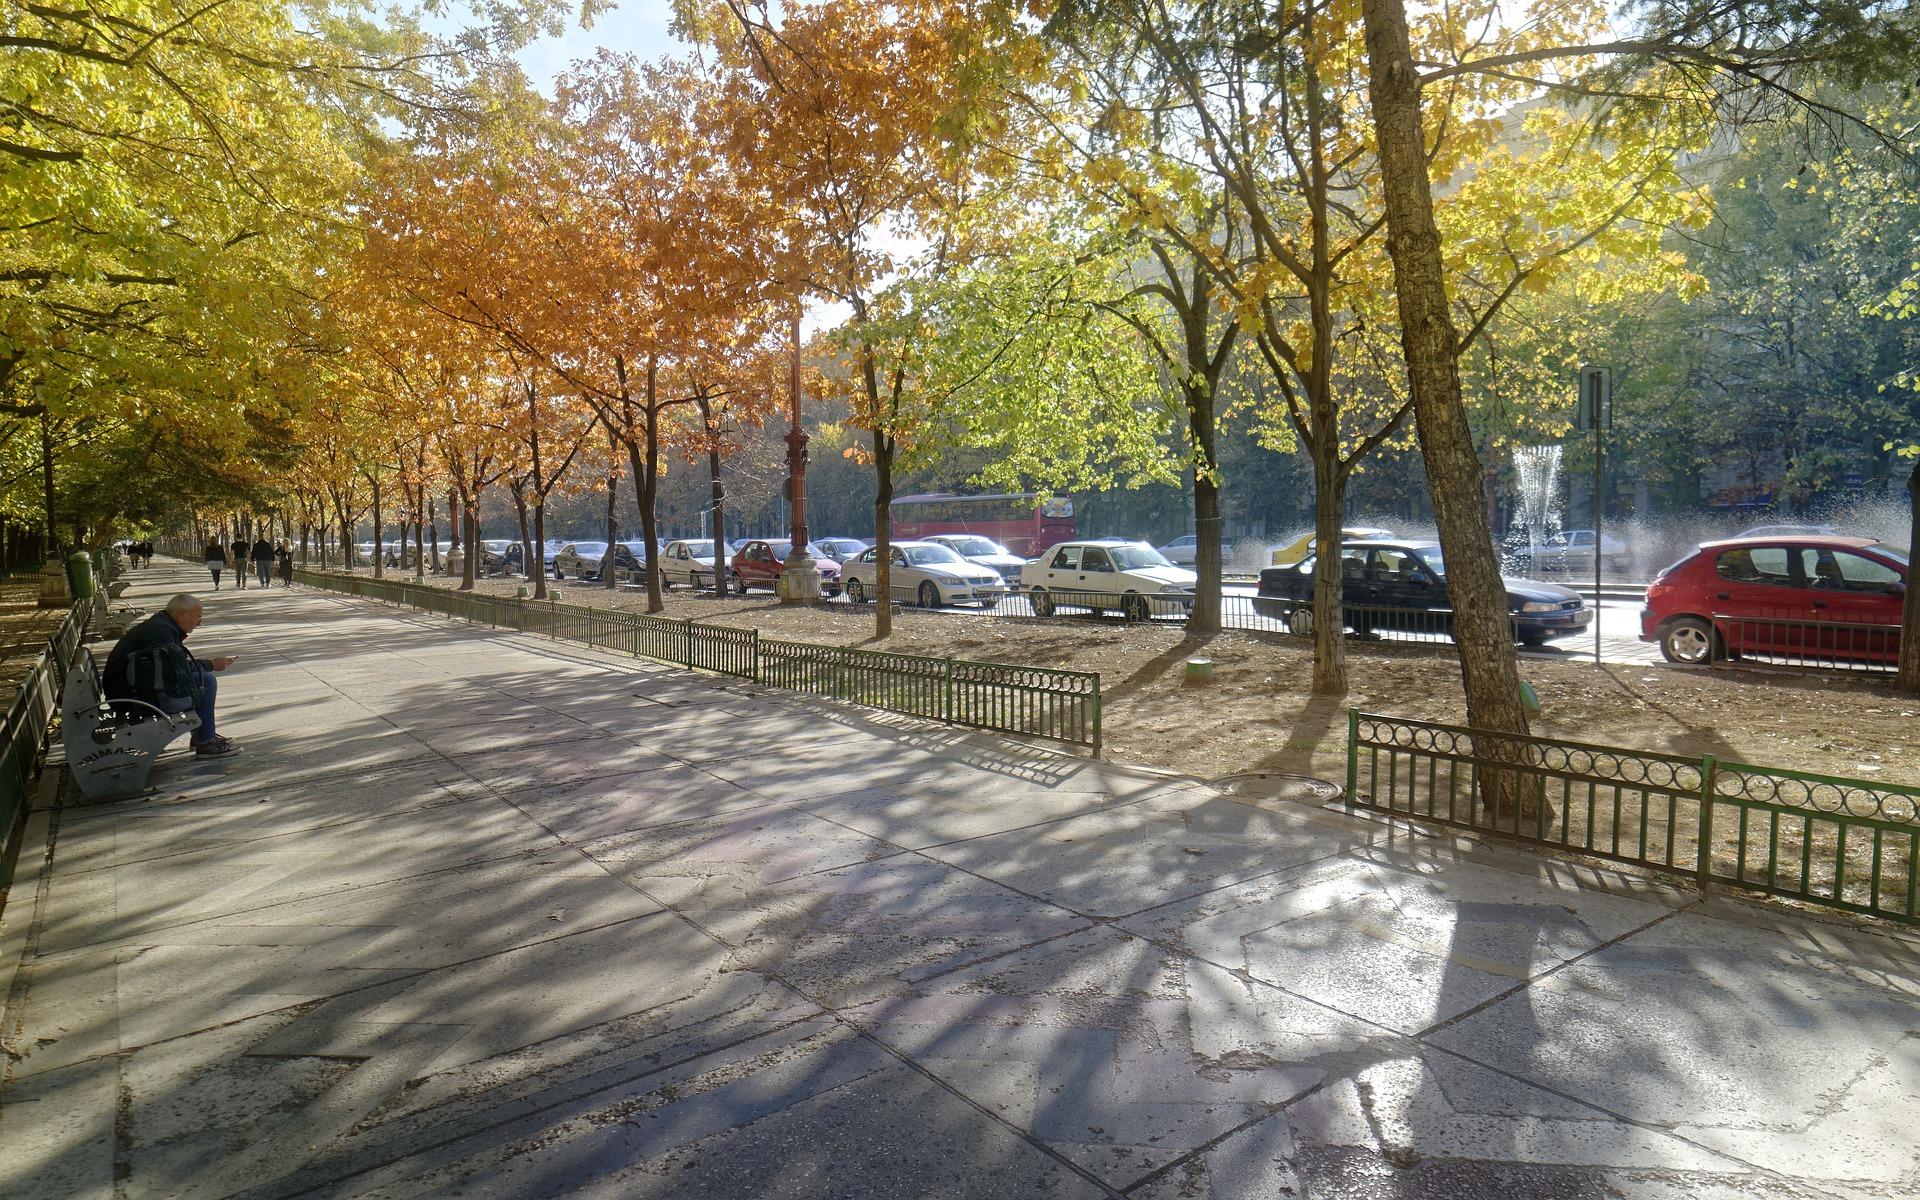 Diebstahl von Straßenbäumen in Burglengenfeld